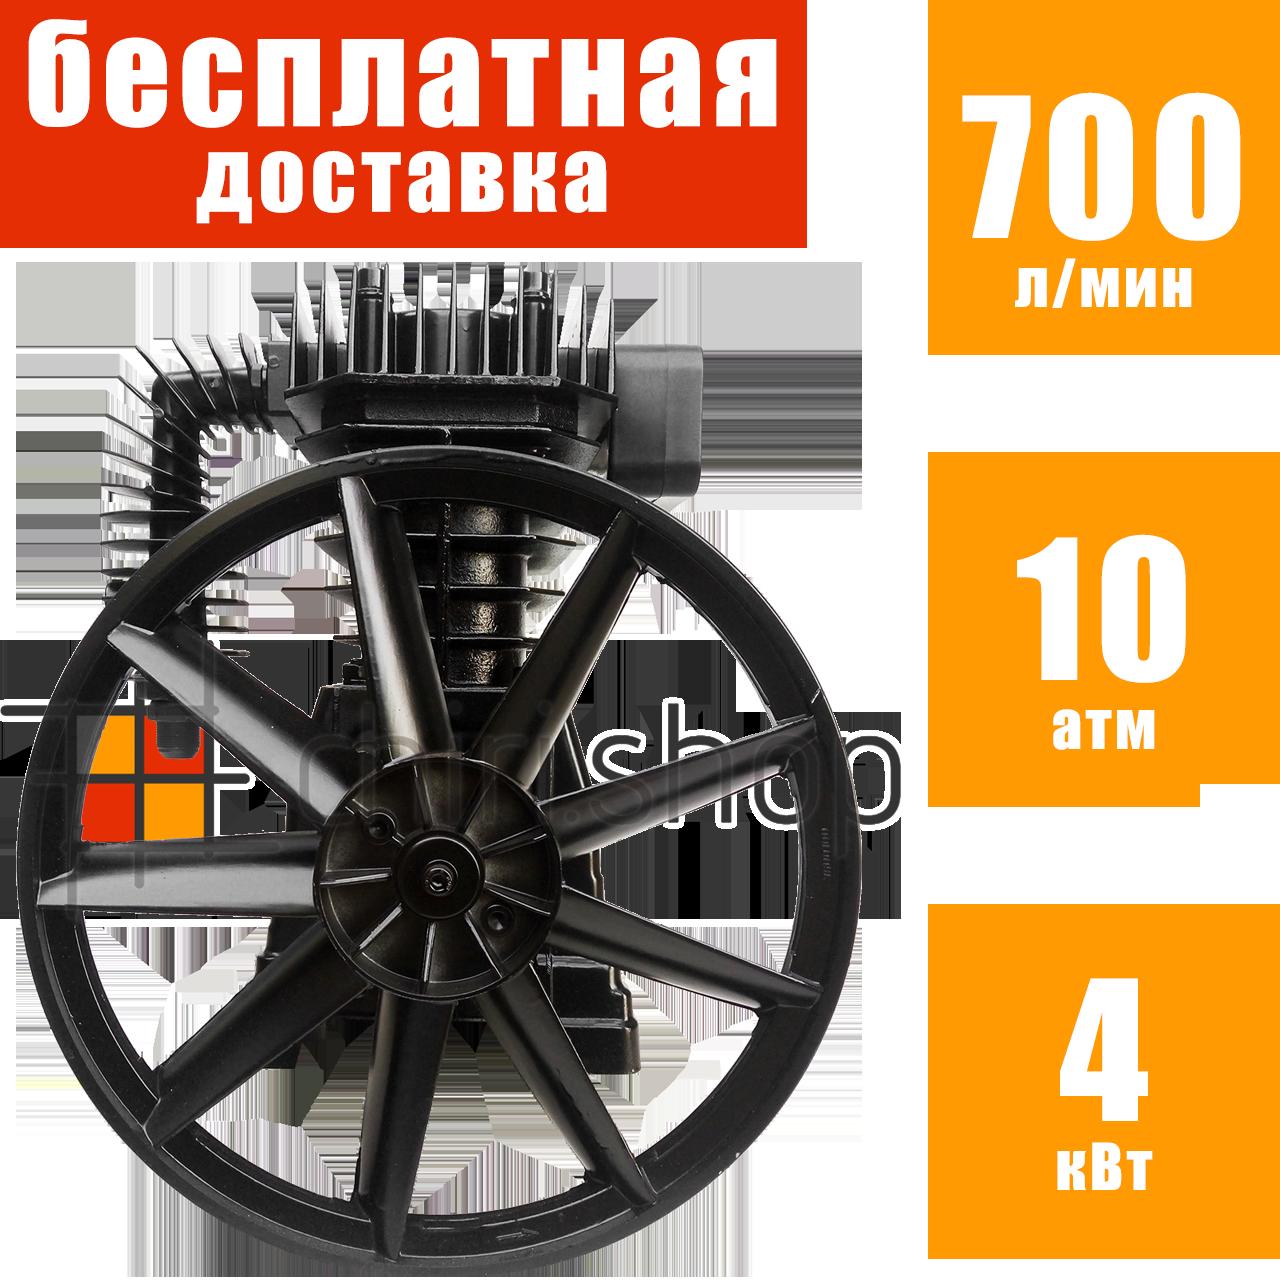 Компрессорная головка 700 л/мин H-образная головка компрессора 2080, 2-х цилиндровый компрессионный блок